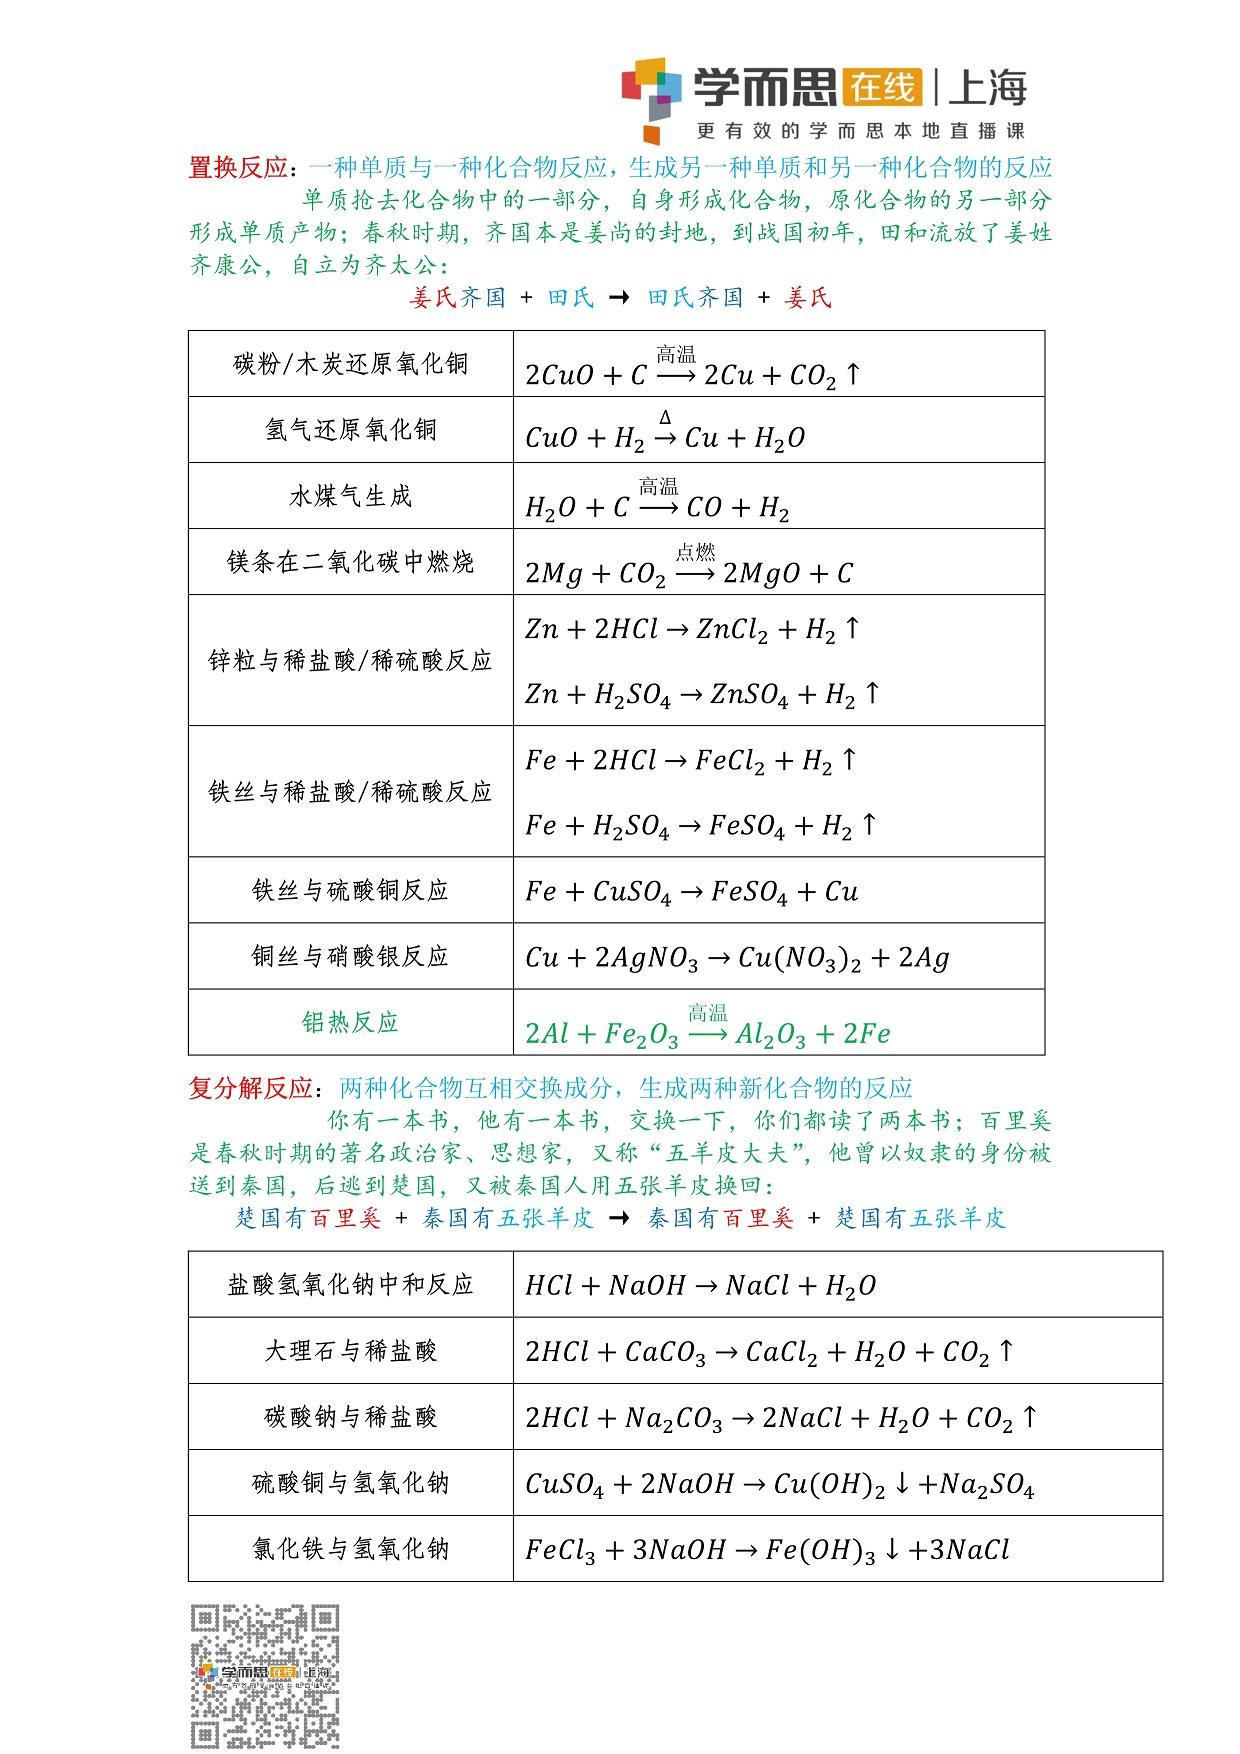 初中化学知识点——必须掌握的反应方程式_3.jpg